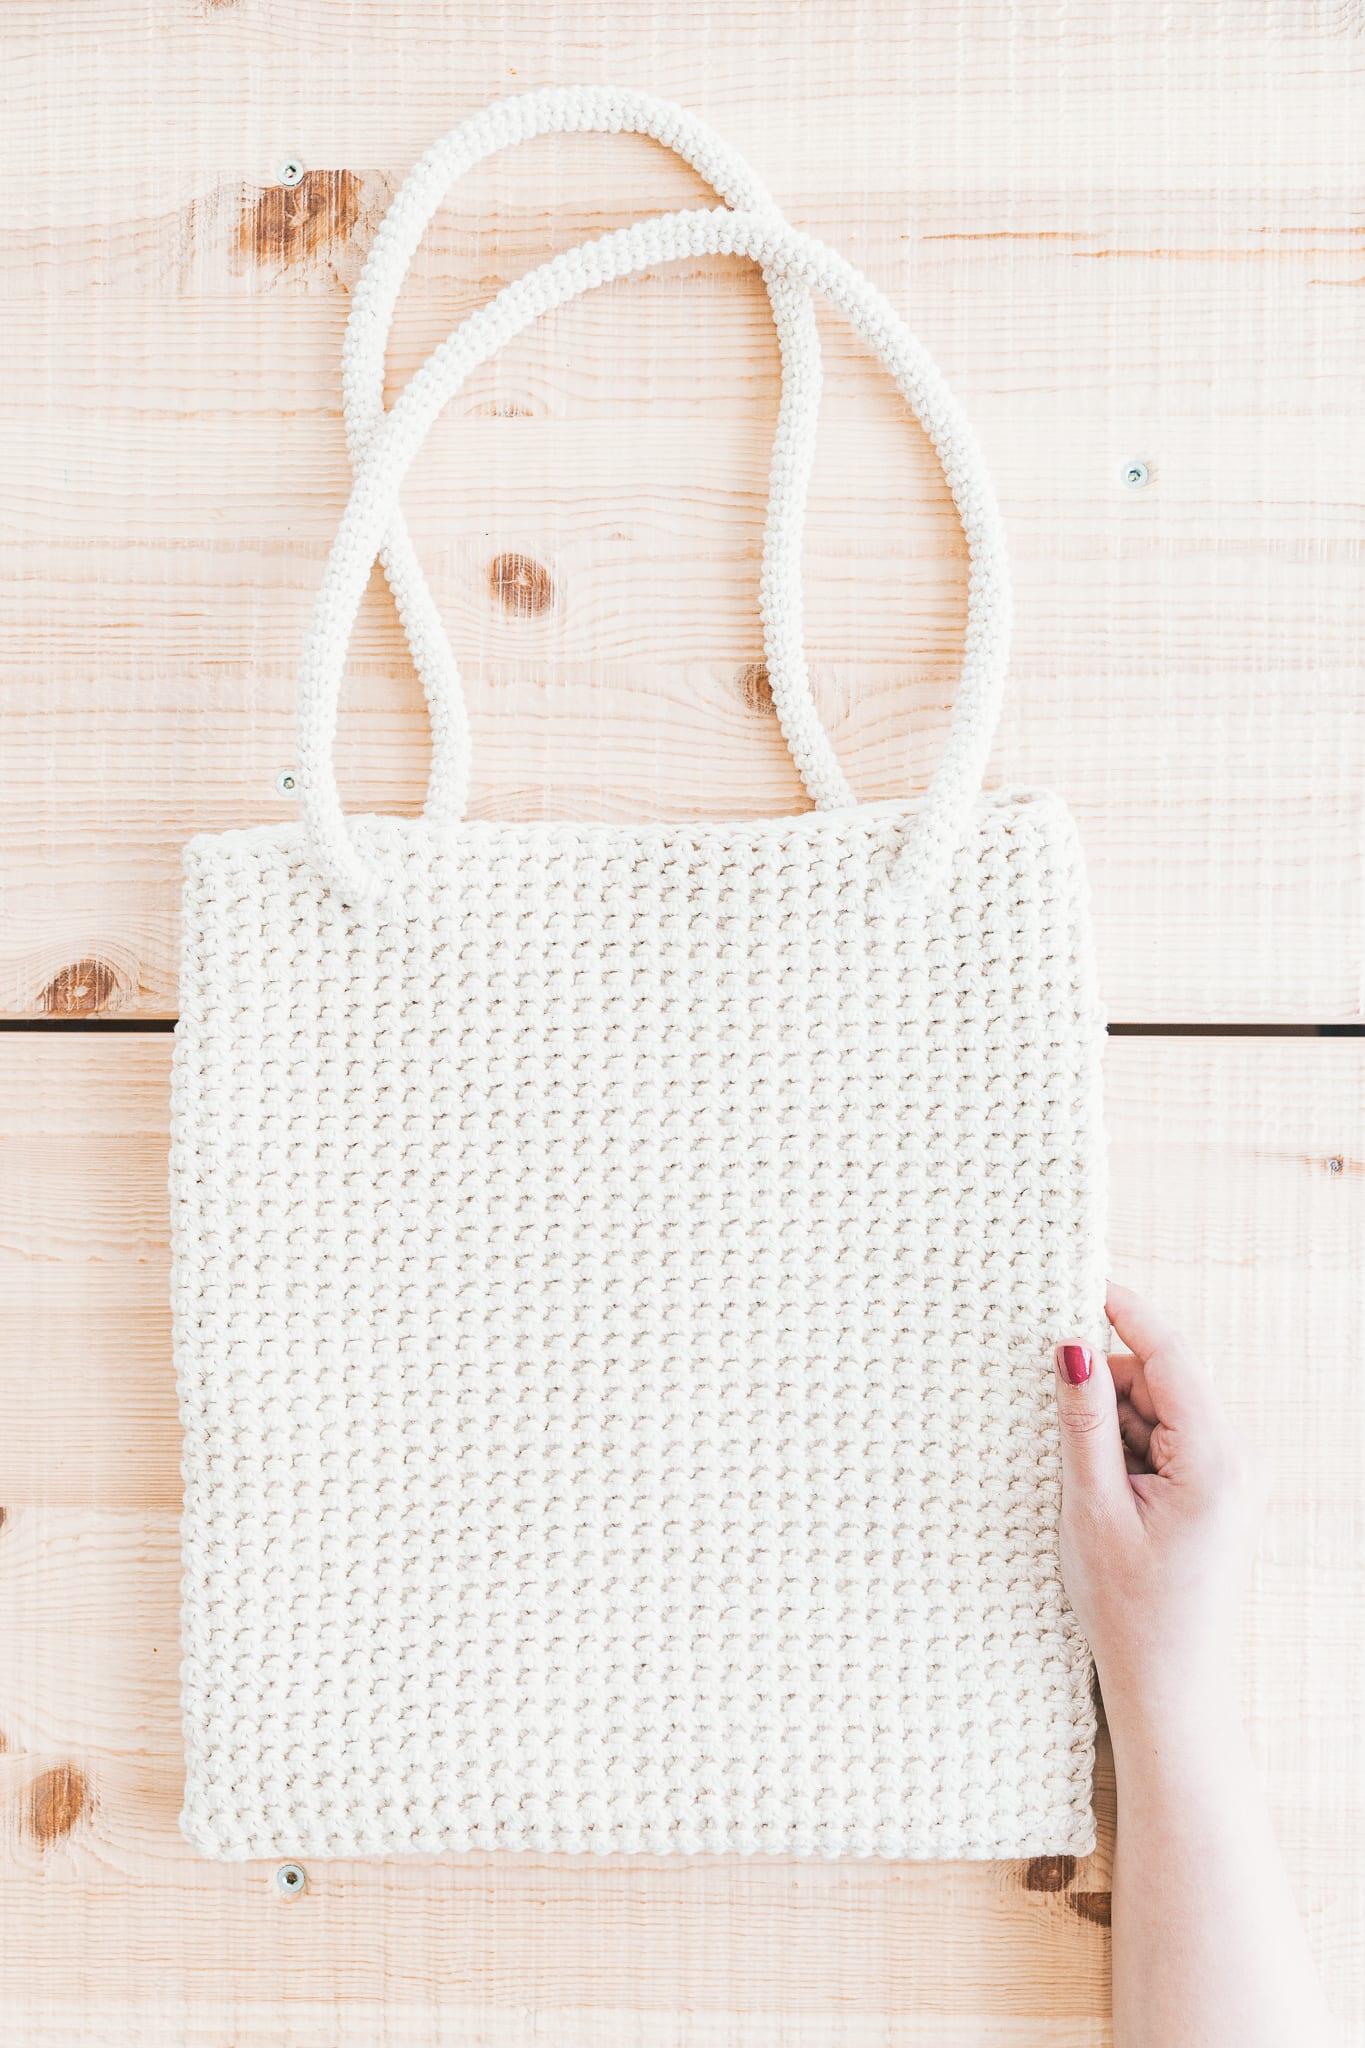 bolso de mano de crochet con puntada térmica y tirantes finos